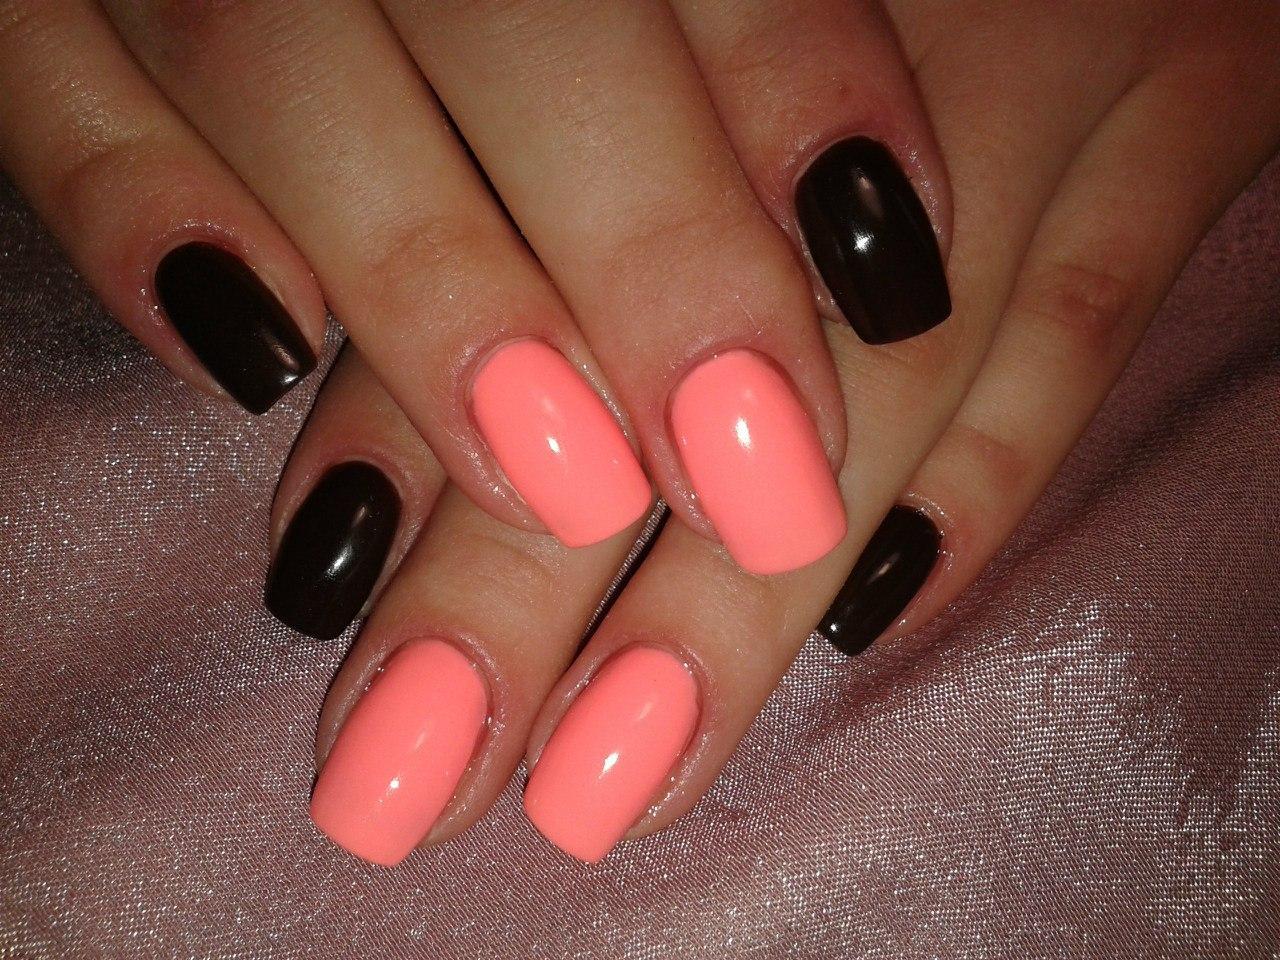 Ногти гель лак фото розовый с черным